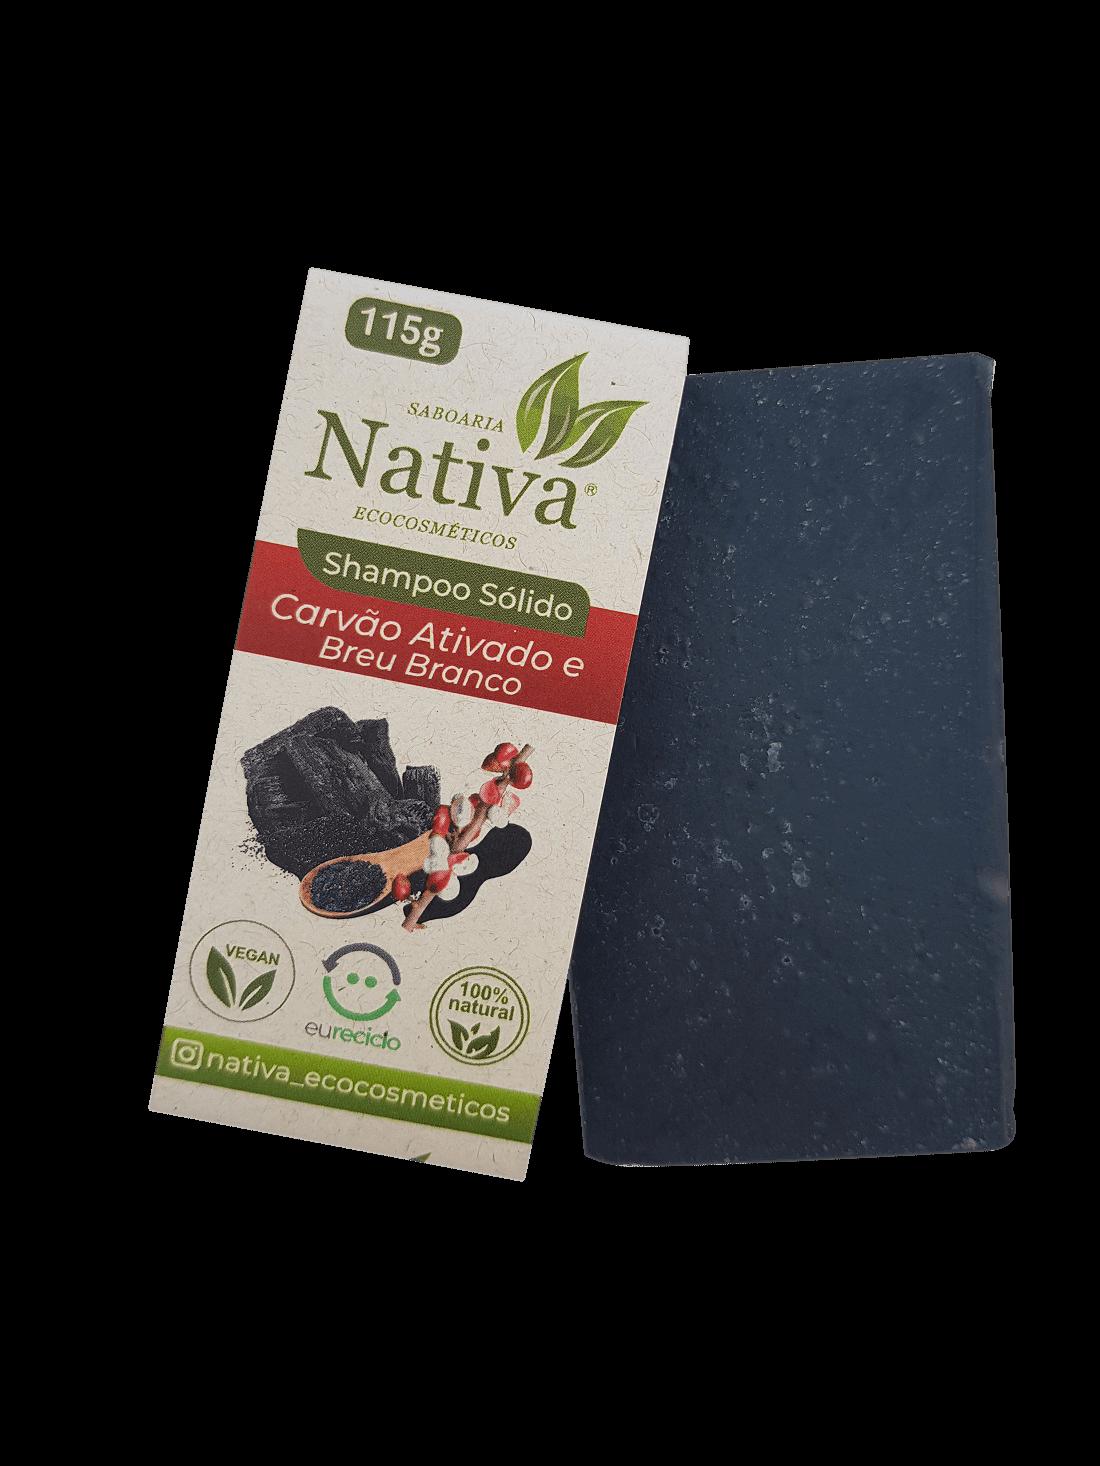 Shampoo Sólido - Carvão Ativado  - Saboaria Nativa Ecocosméticos